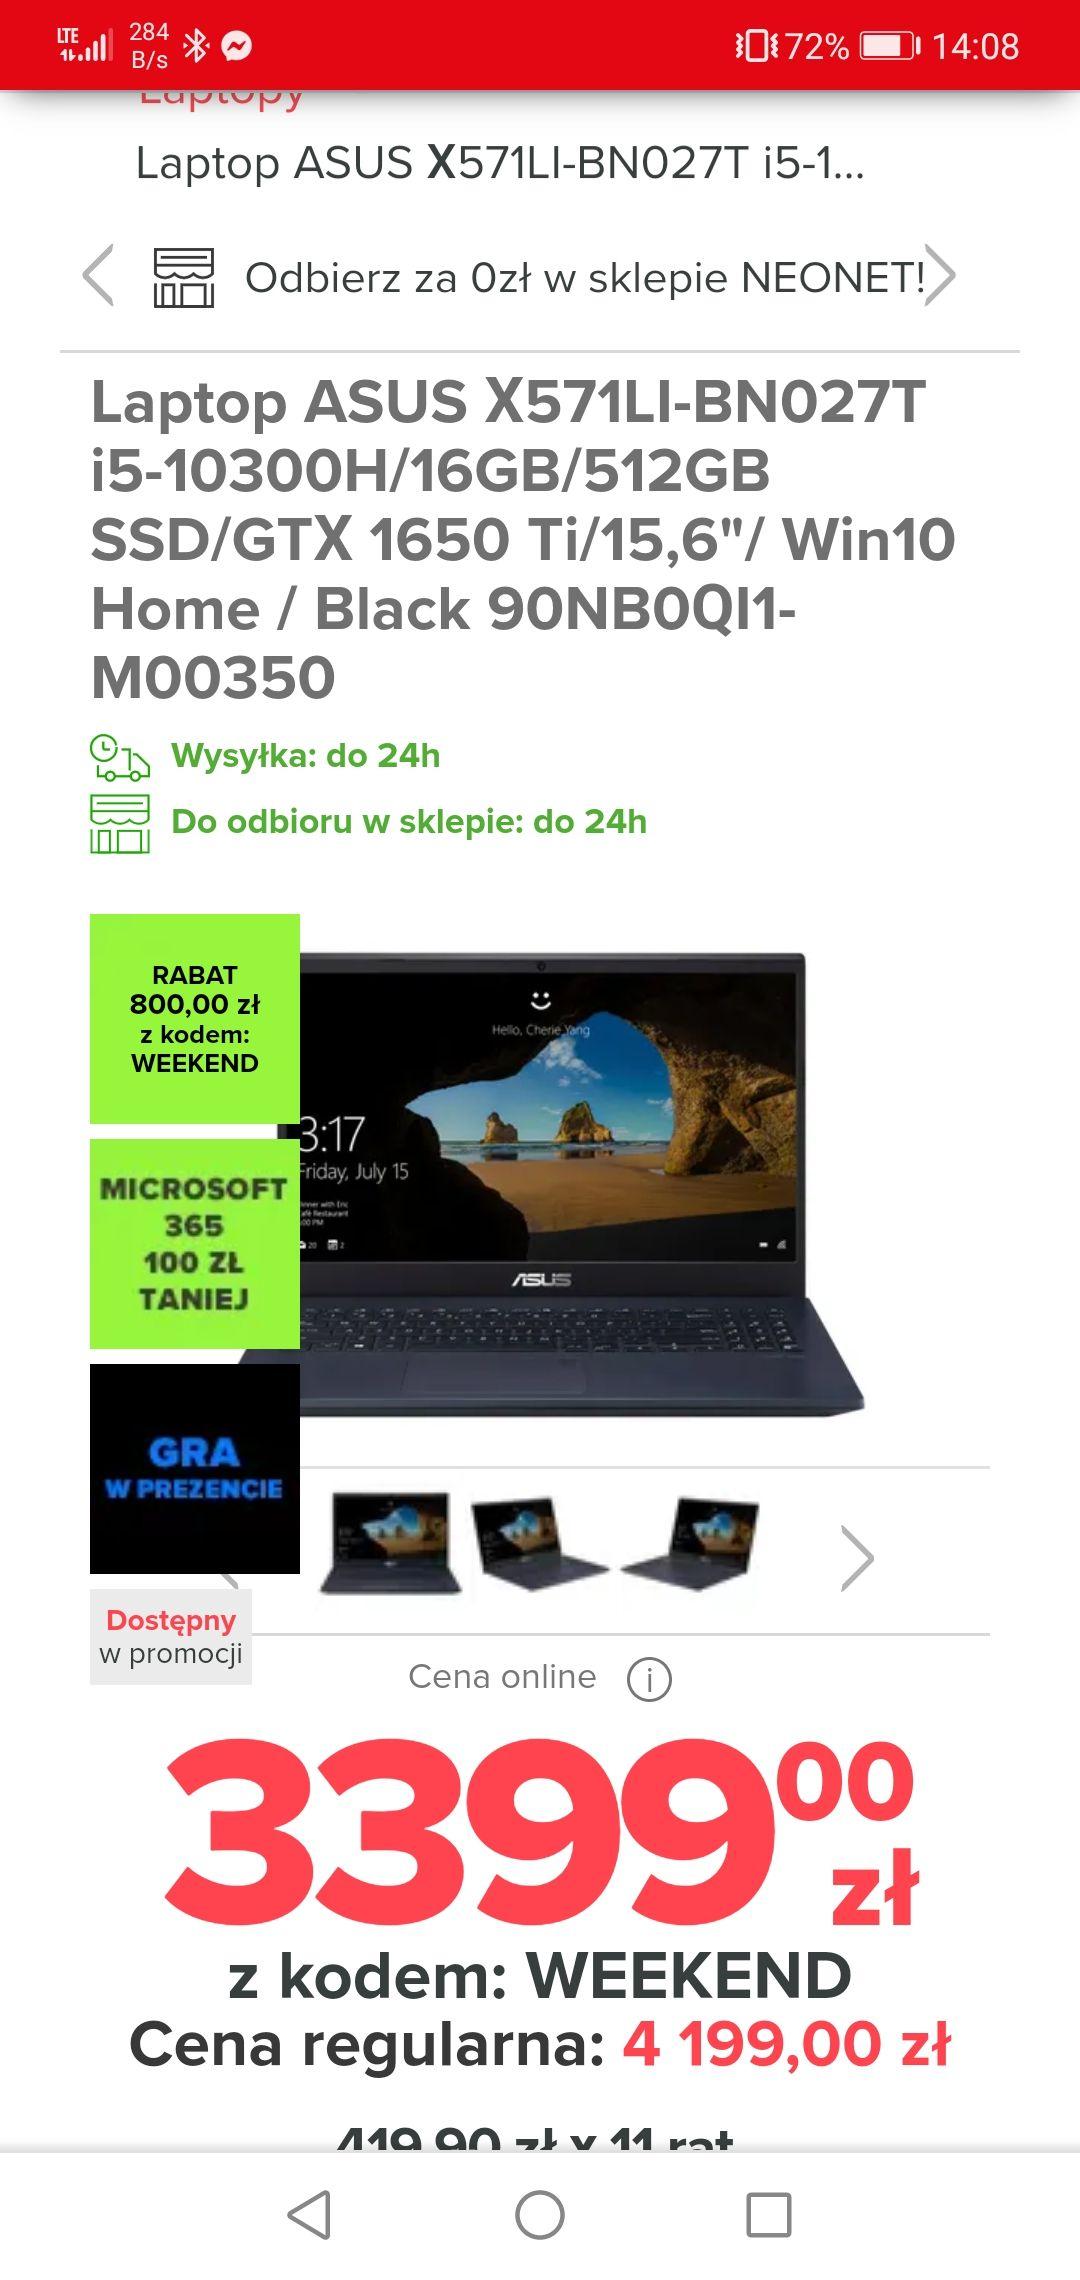 Laptop ASUS X571LI-BN027T